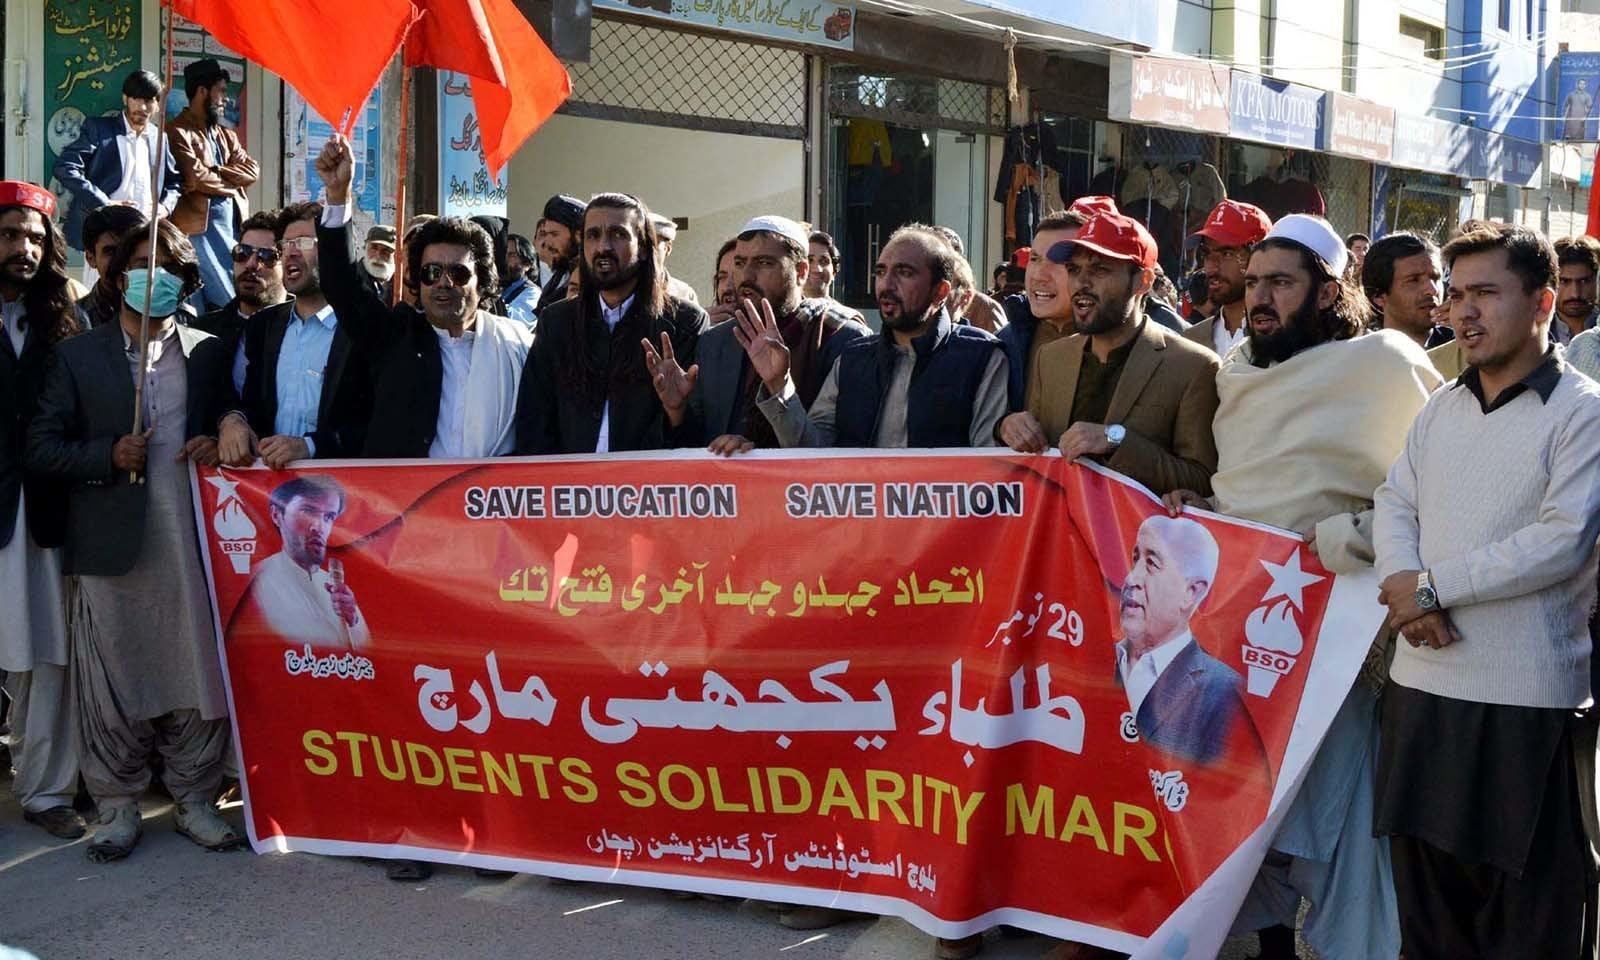 بلوچ اسٹوڈنٹس آرگنائزیشن کی جانب سے بلوچستان میں بھی مارچ کا انعقاد کیا گیا — فوٹو: اے پی پی